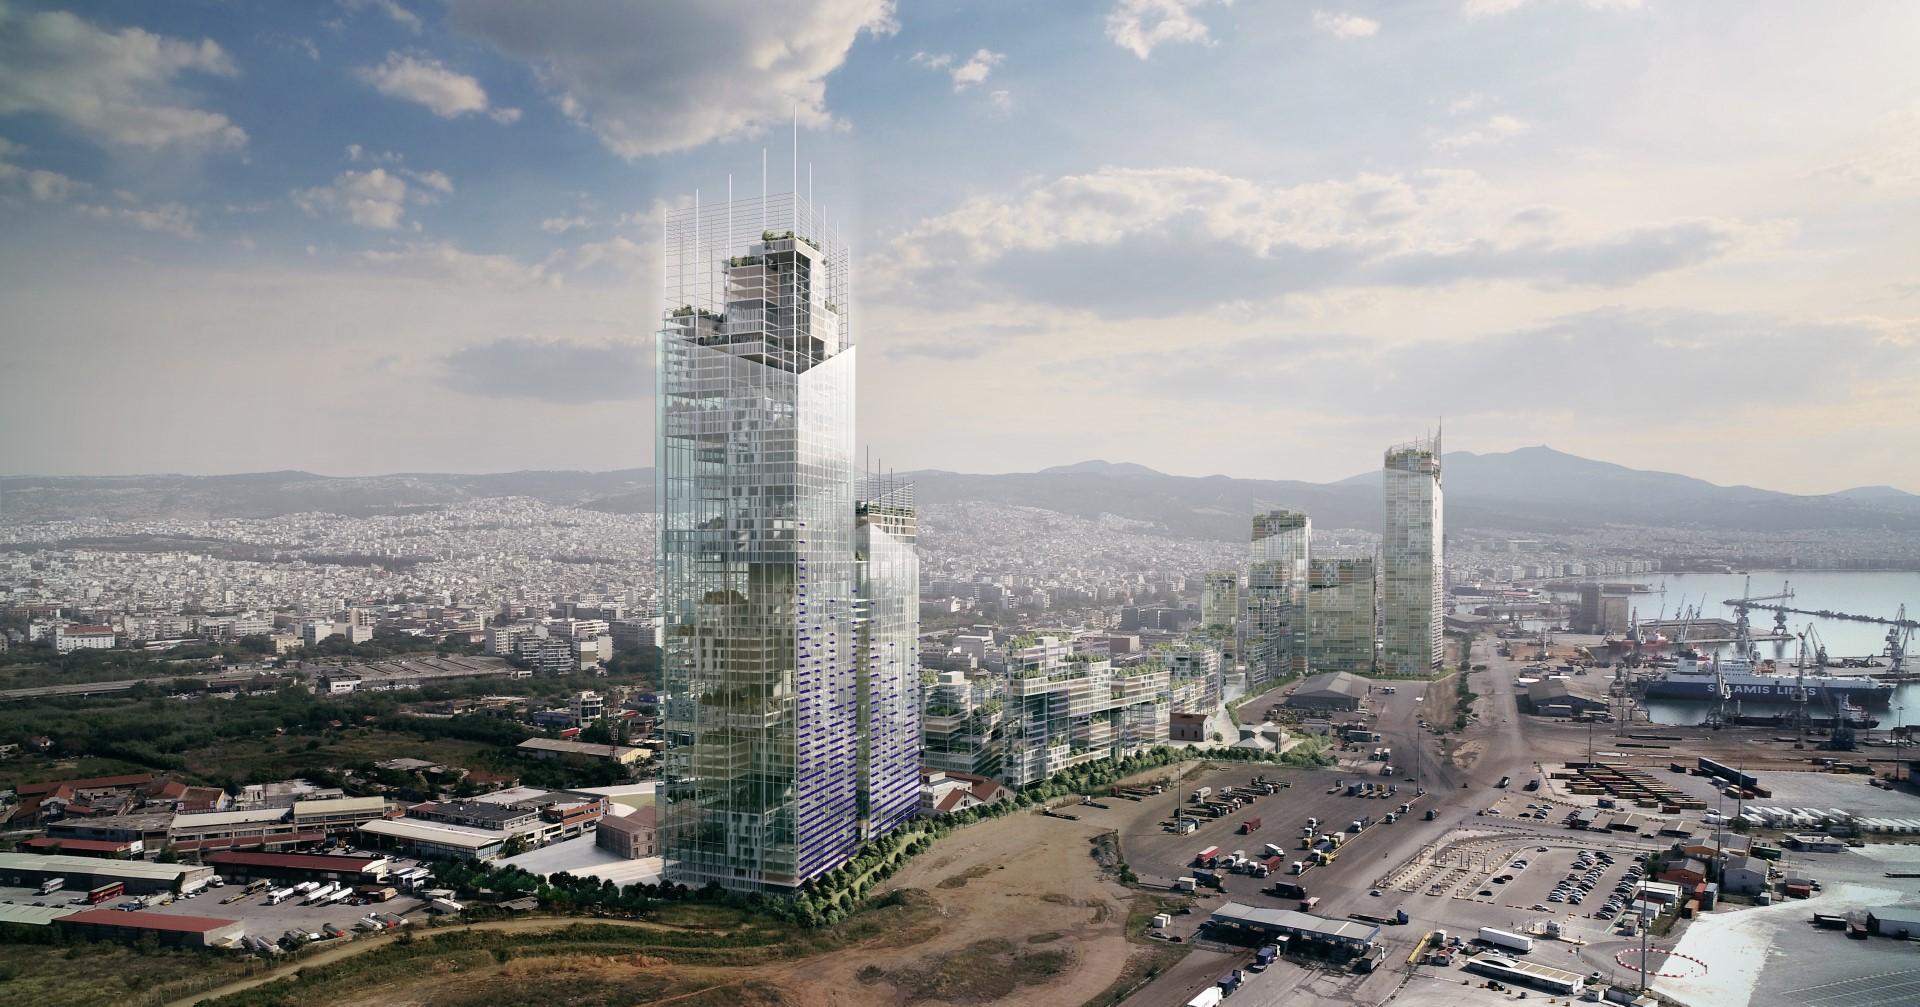 Στις 11-26 Σεπτεμβρίου η έκθεση του διεθνούς διαγωνισμού ArXellence 2 της Alumil για τη Θεσσαλονίκη